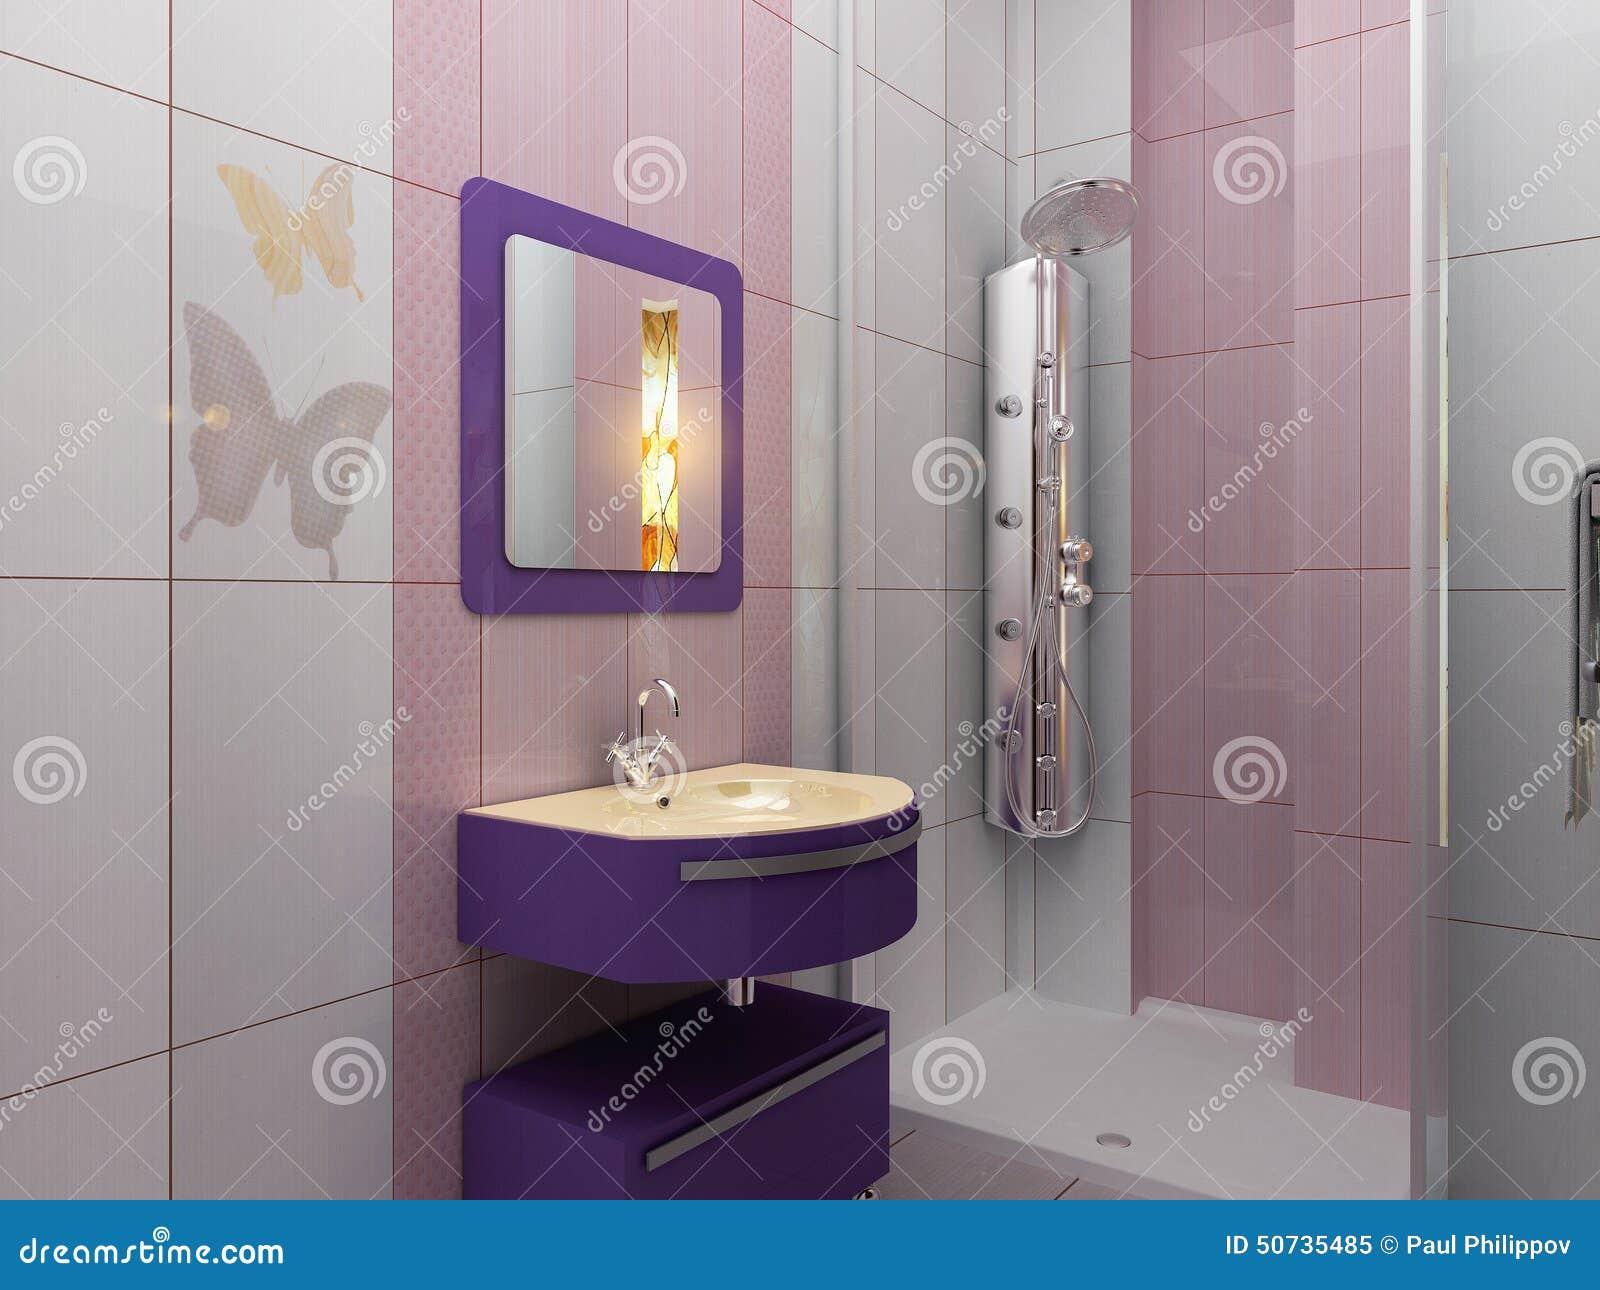 Banheiro branco e cor de rosa moderno com chuveiro imagem - Bagno lilla e bianco ...